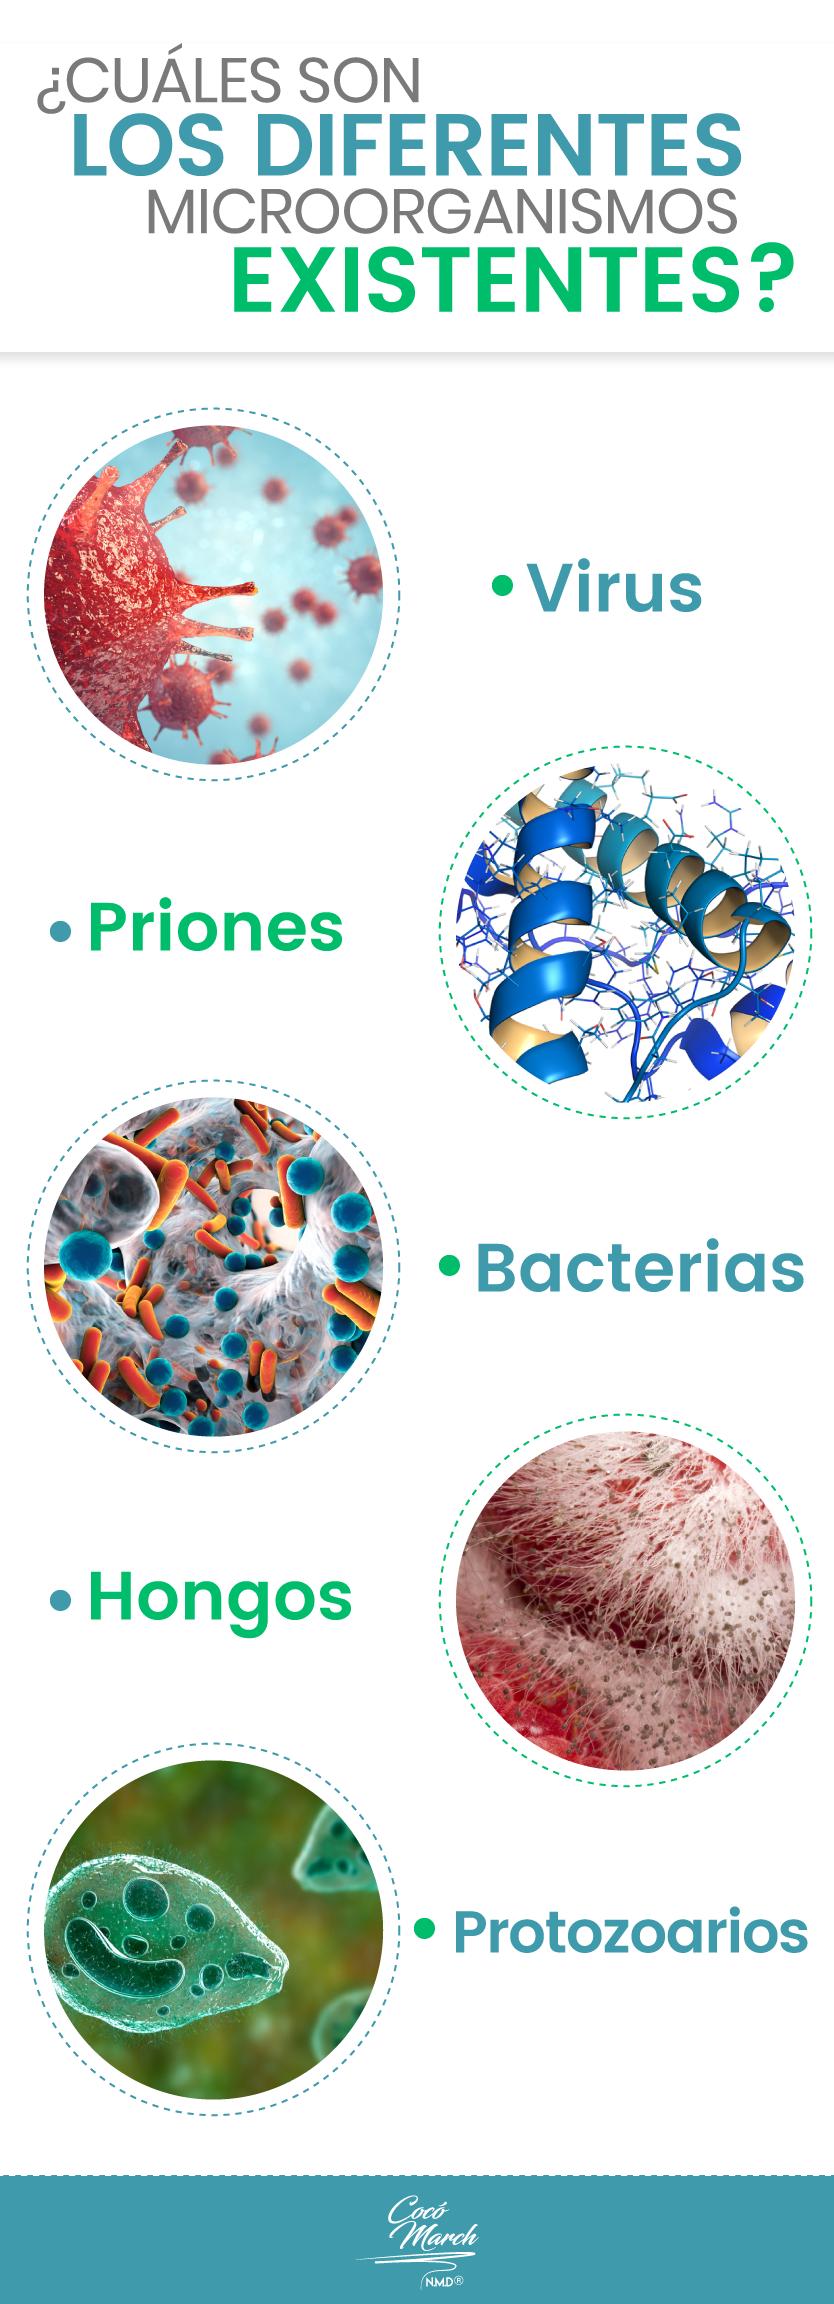 diferentes-microorganismos